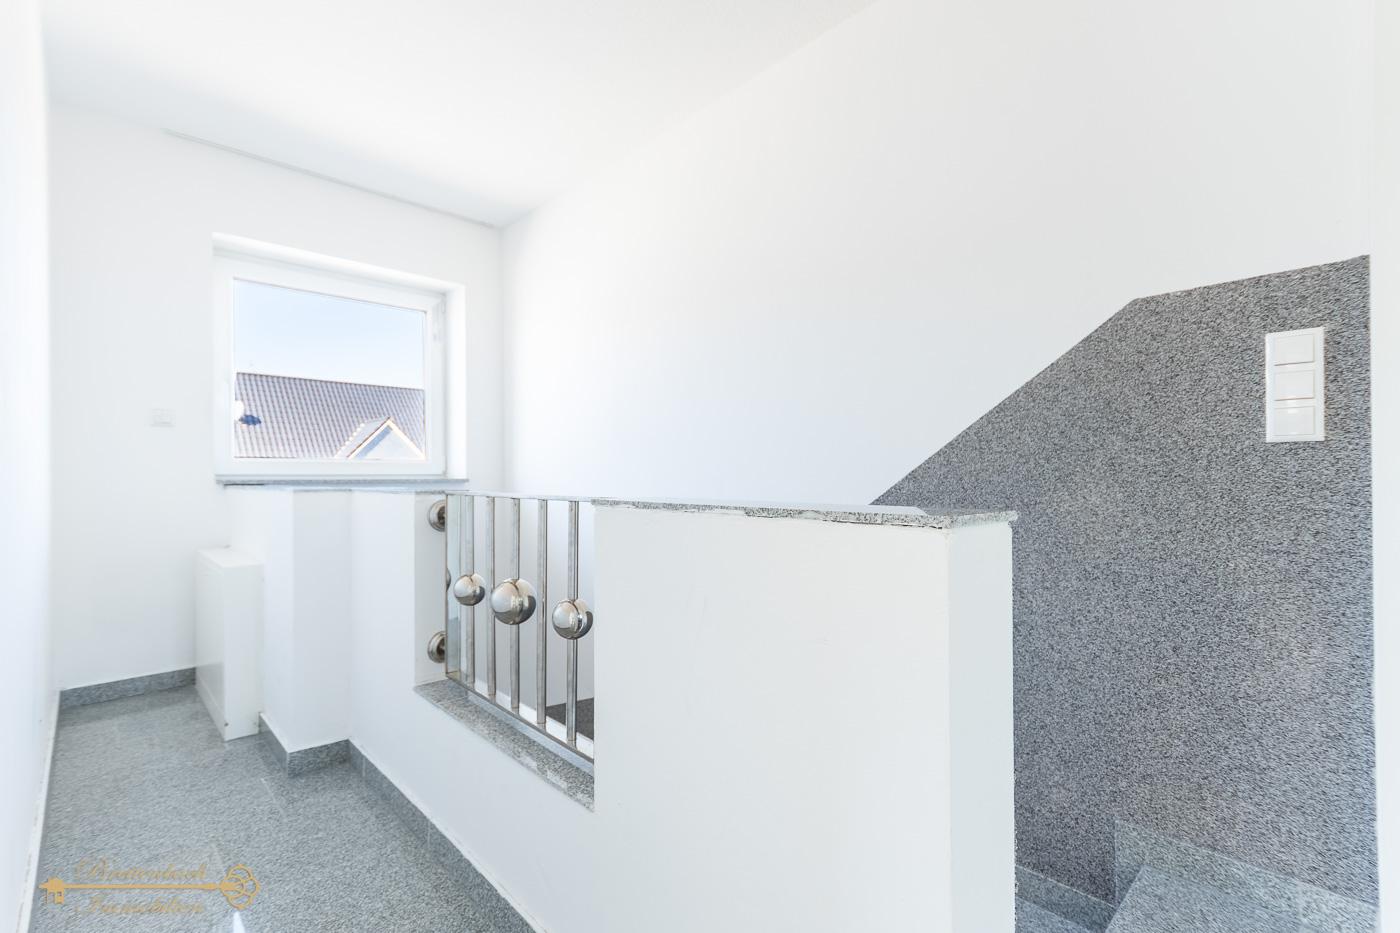 2019-09-21-Breitenbach-Immobilien-13